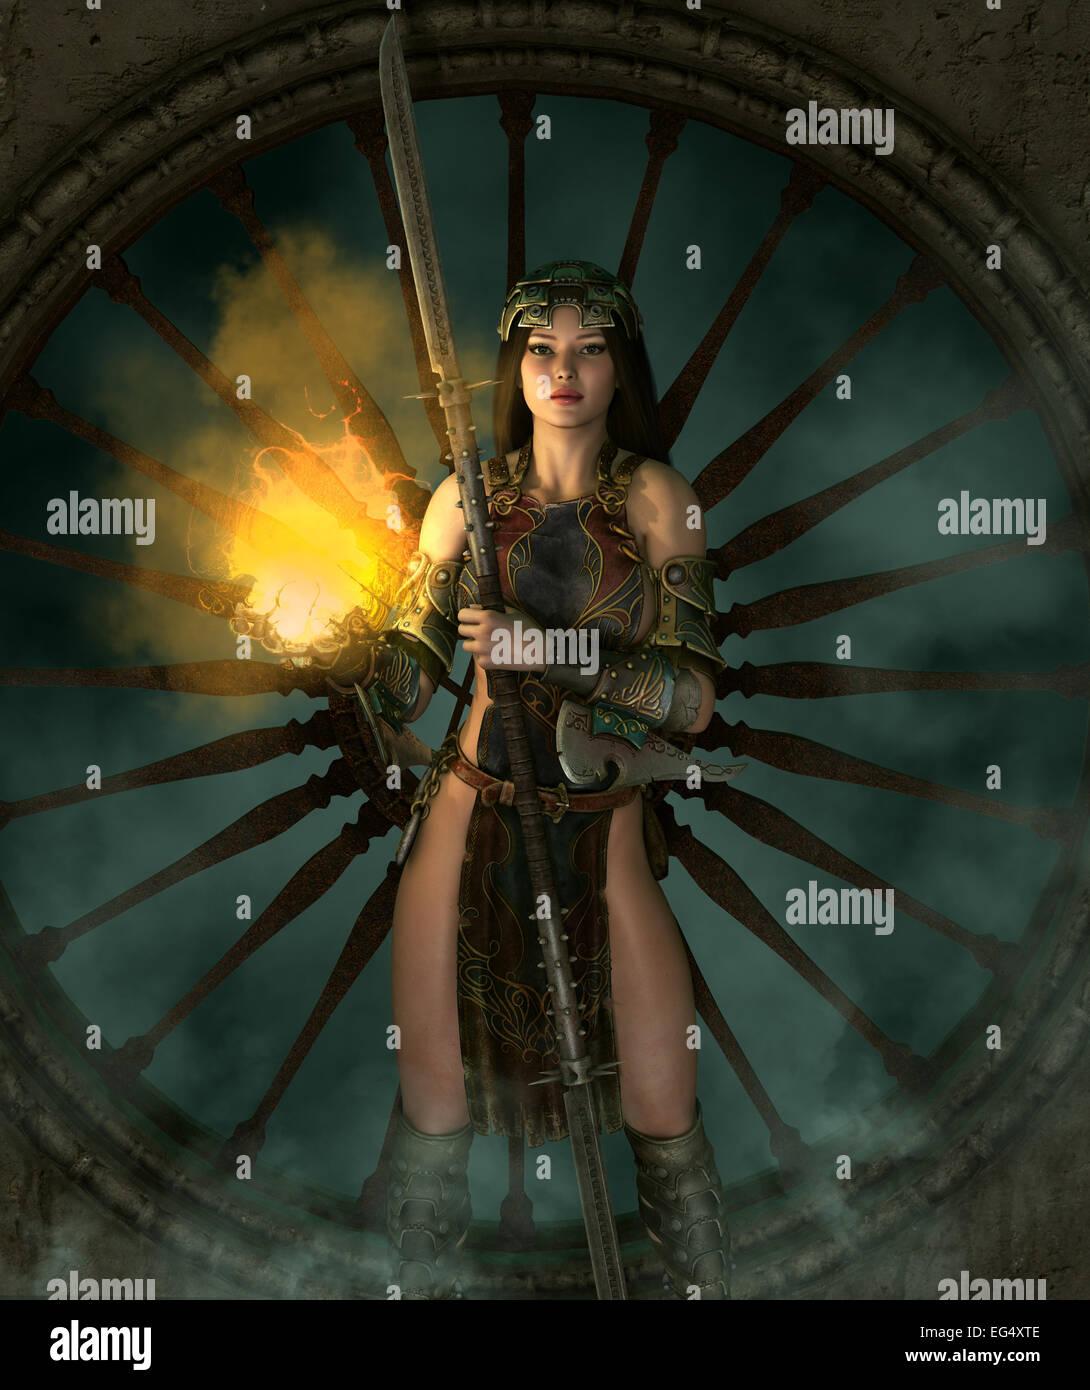 Computer grafica 3D di una giovane donna con un vestito di fantasia e un'arma Immagini Stock